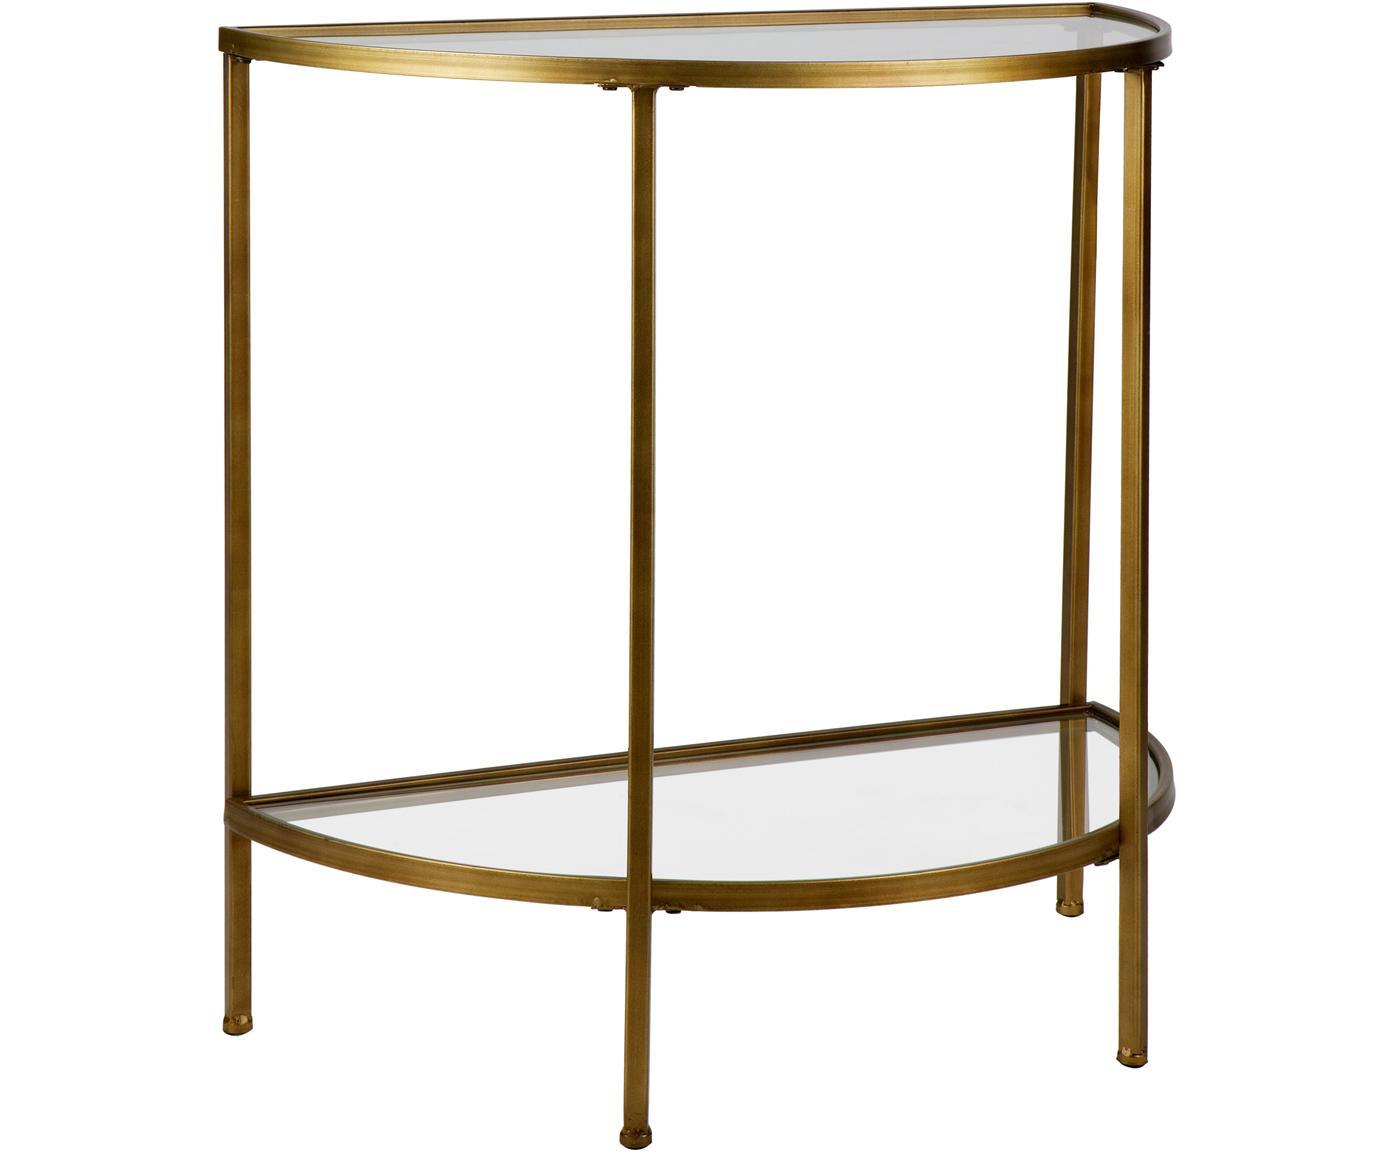 Consola semicircular de vidrio Goddess, Estructura: metal recubierto, Estantes: vidrio, Latón, An 76 x Al 75 cm